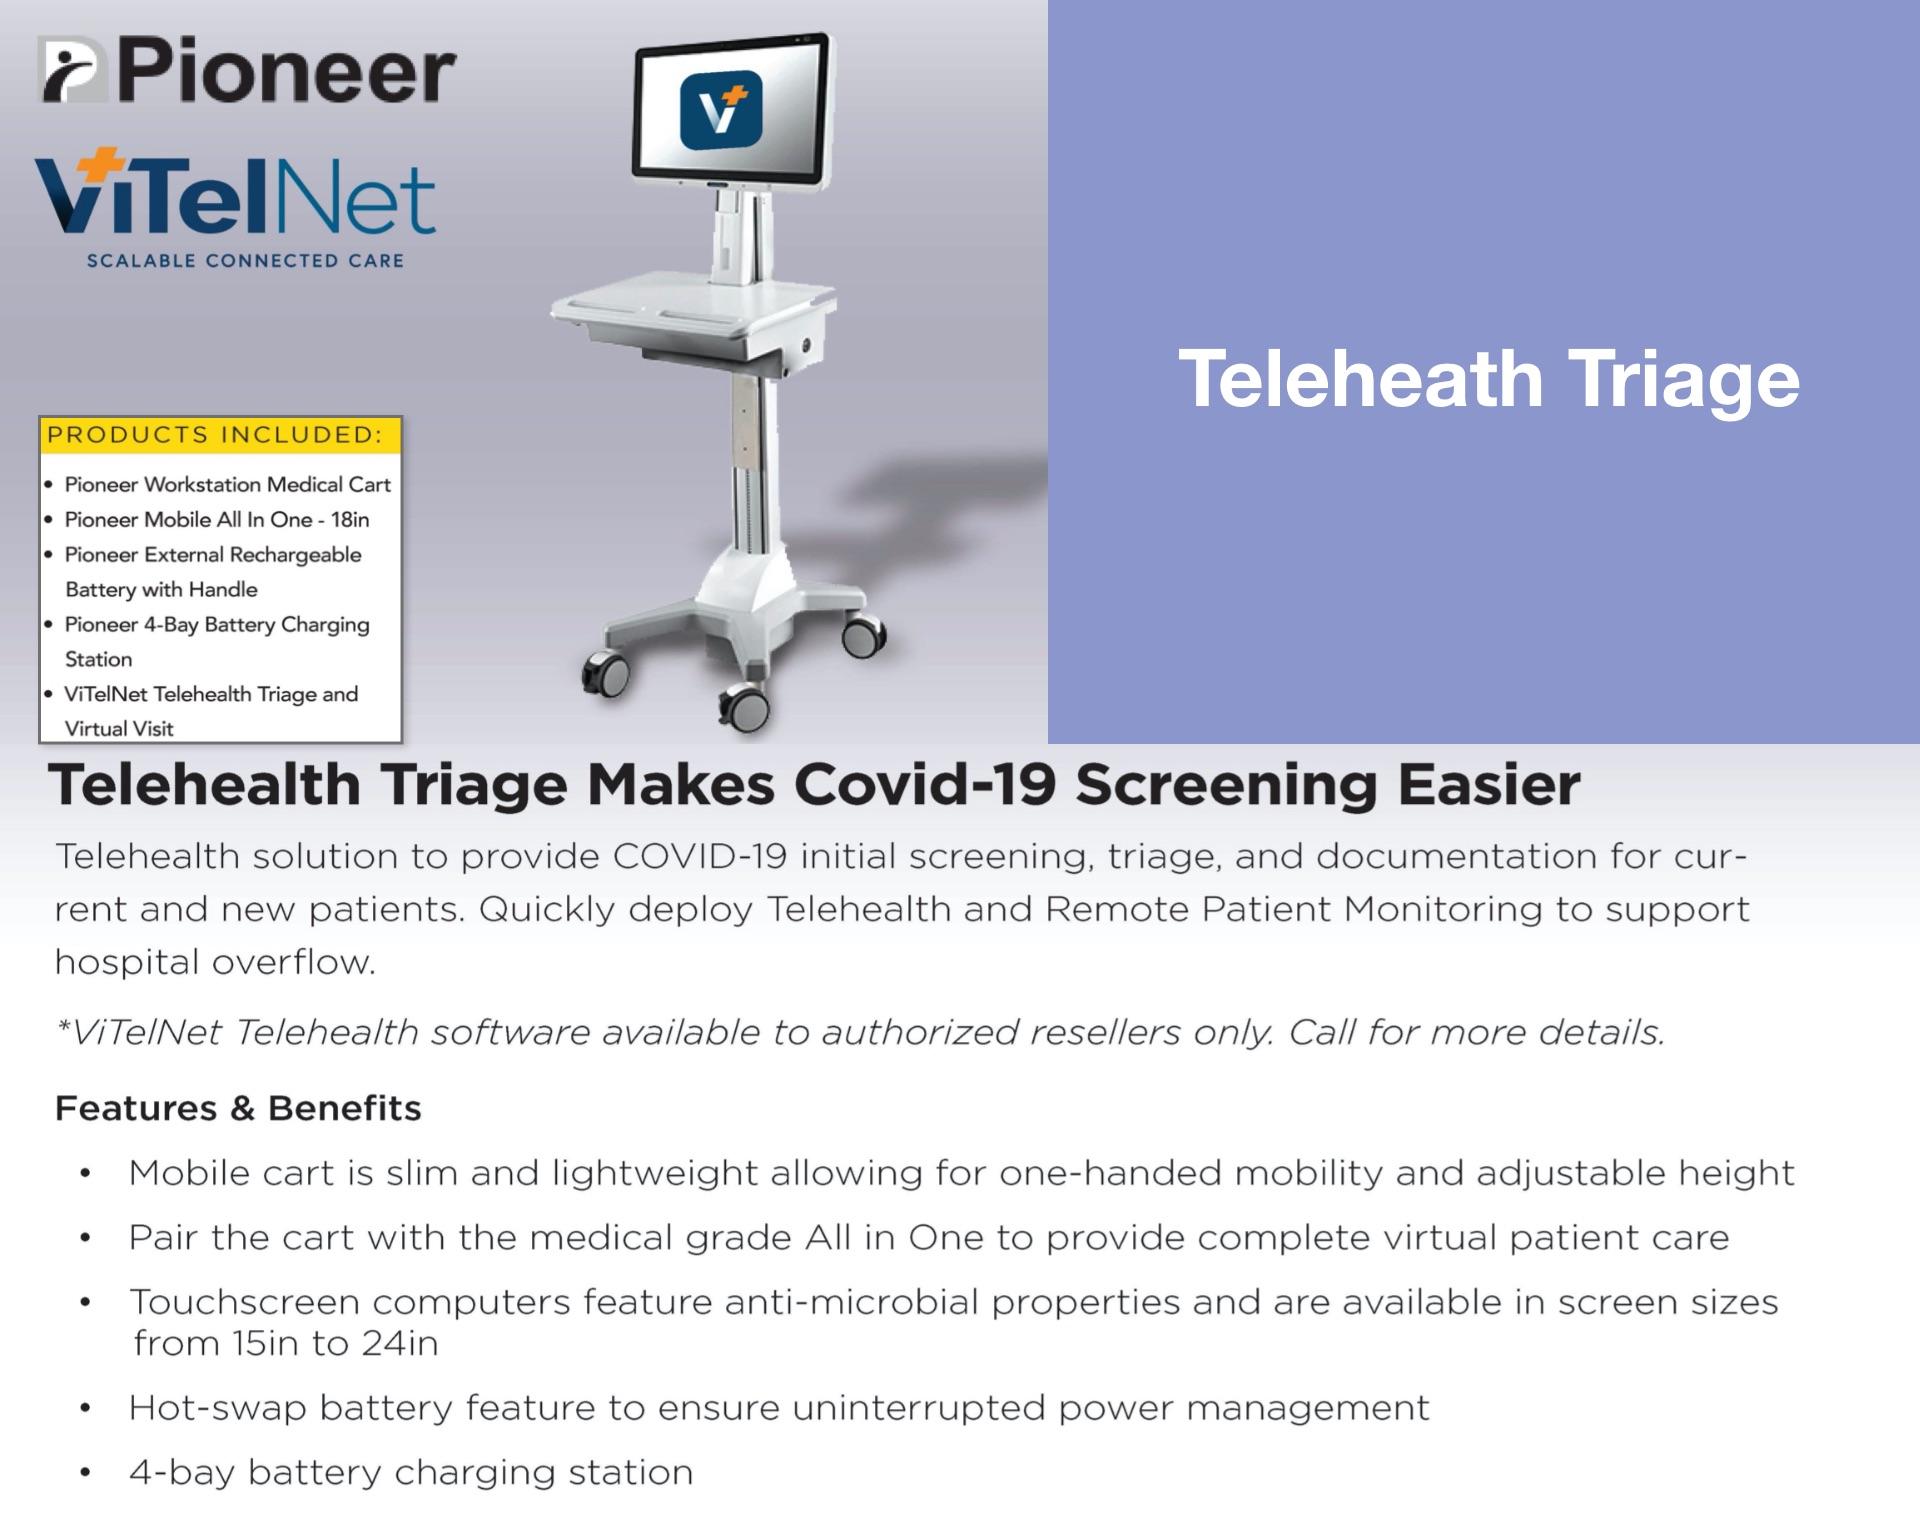 Telehealth_Triage